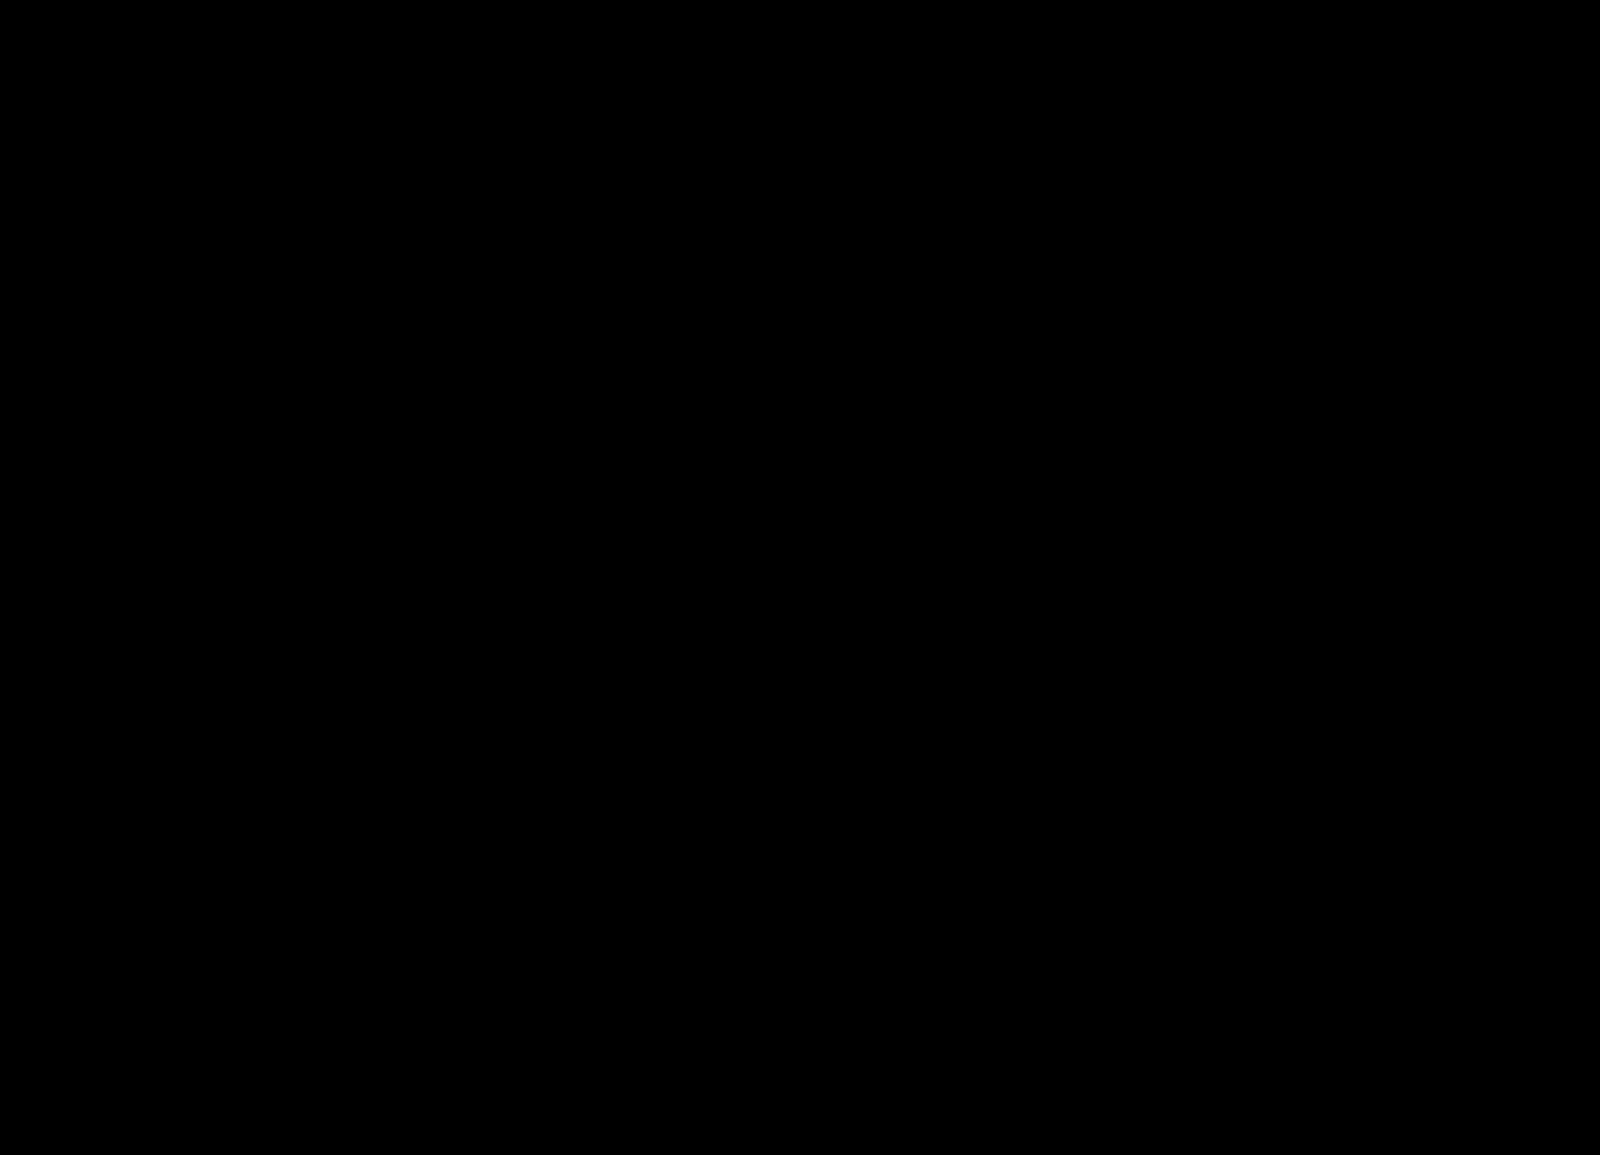 خلفيات png مميزة للكمبيوتر في كوكتيل صور وبس